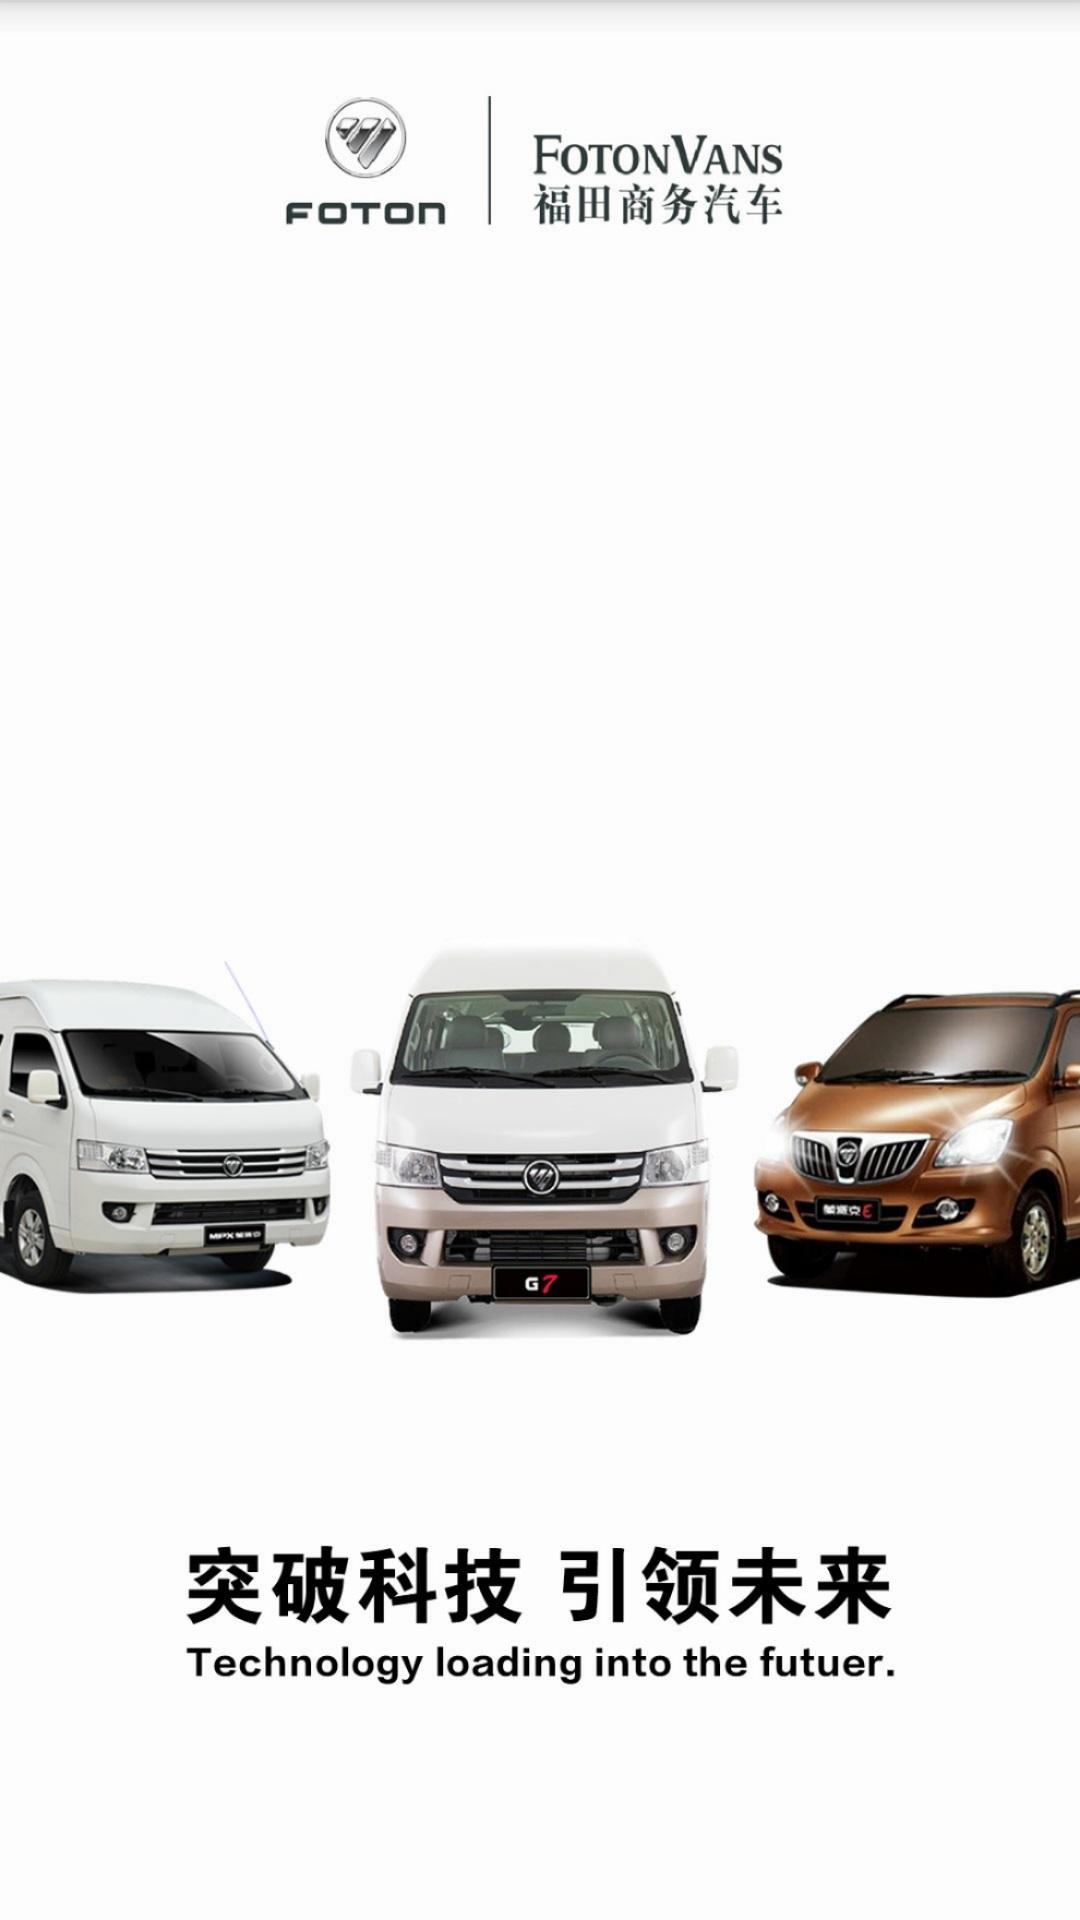 福田商务汽车